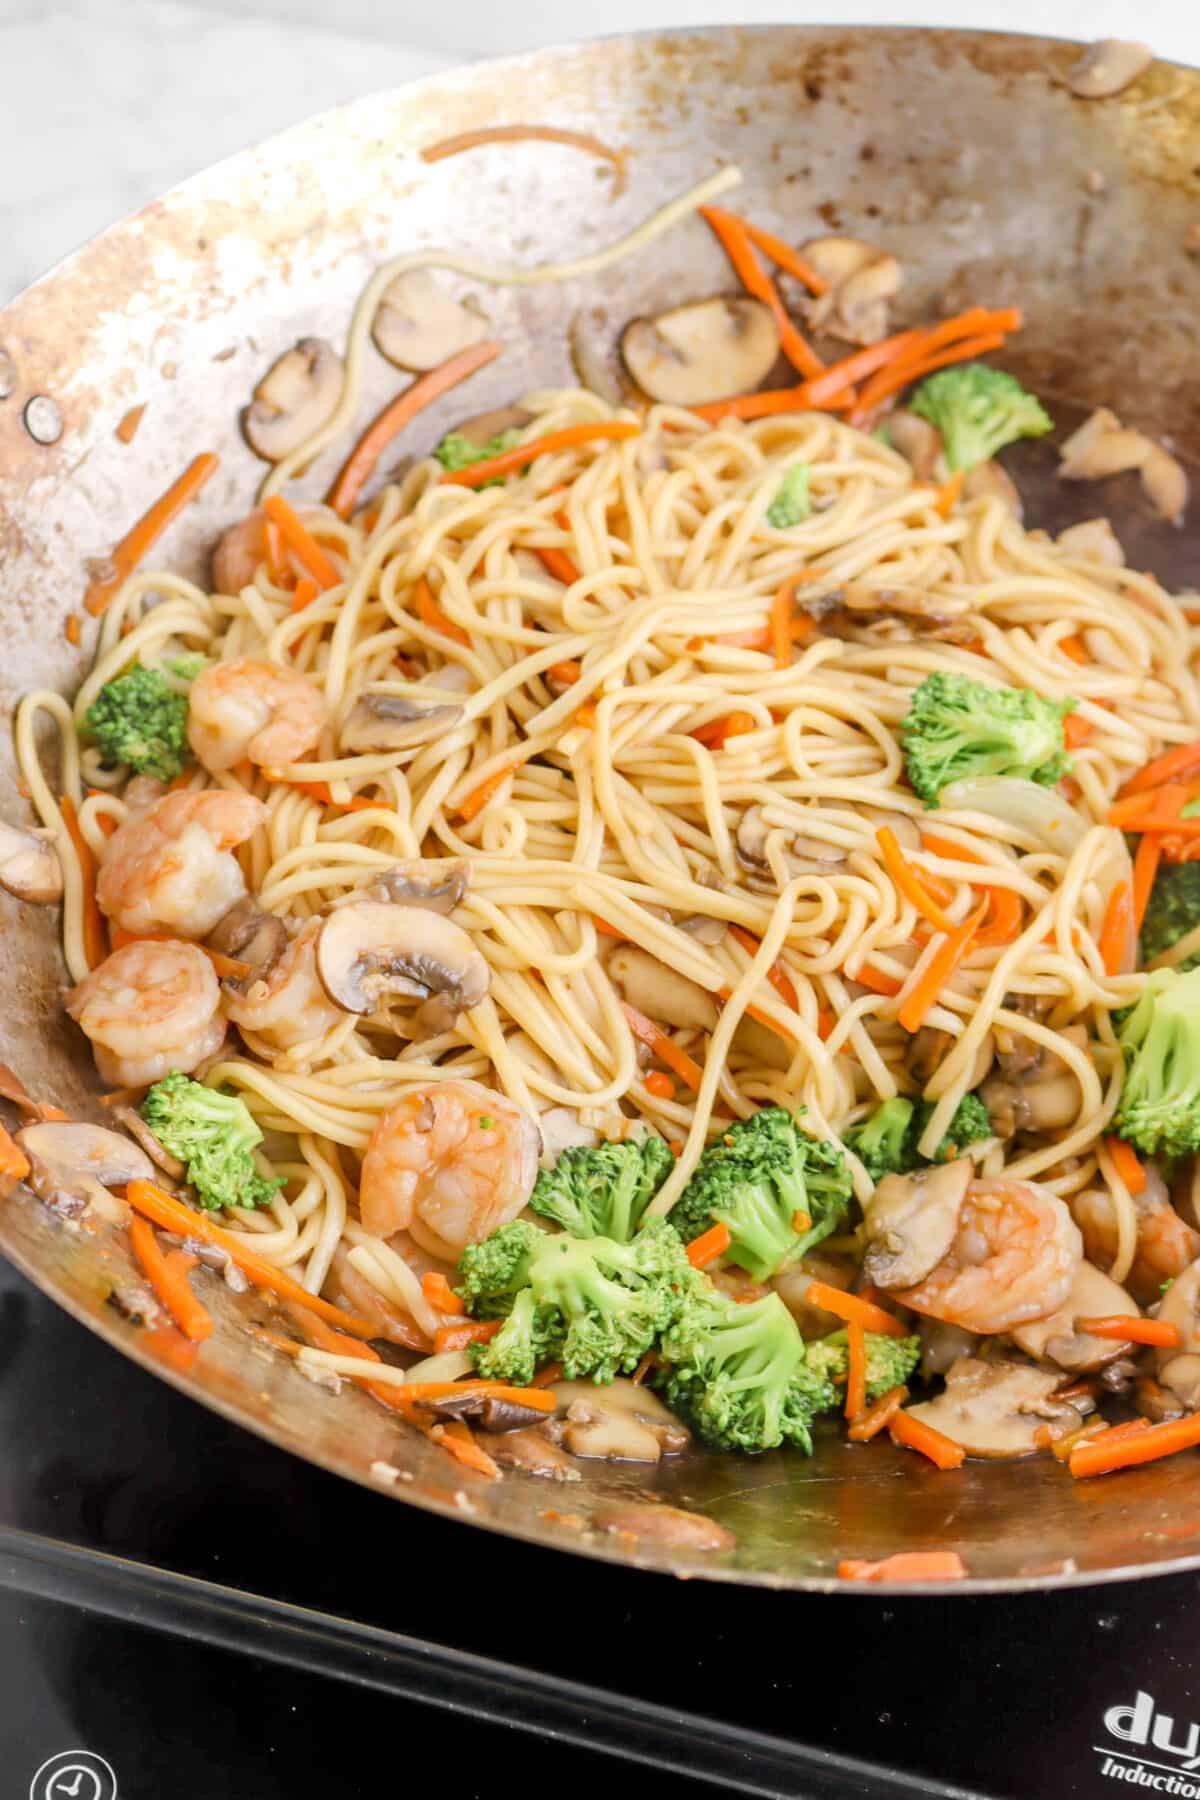 lo mein in a wok